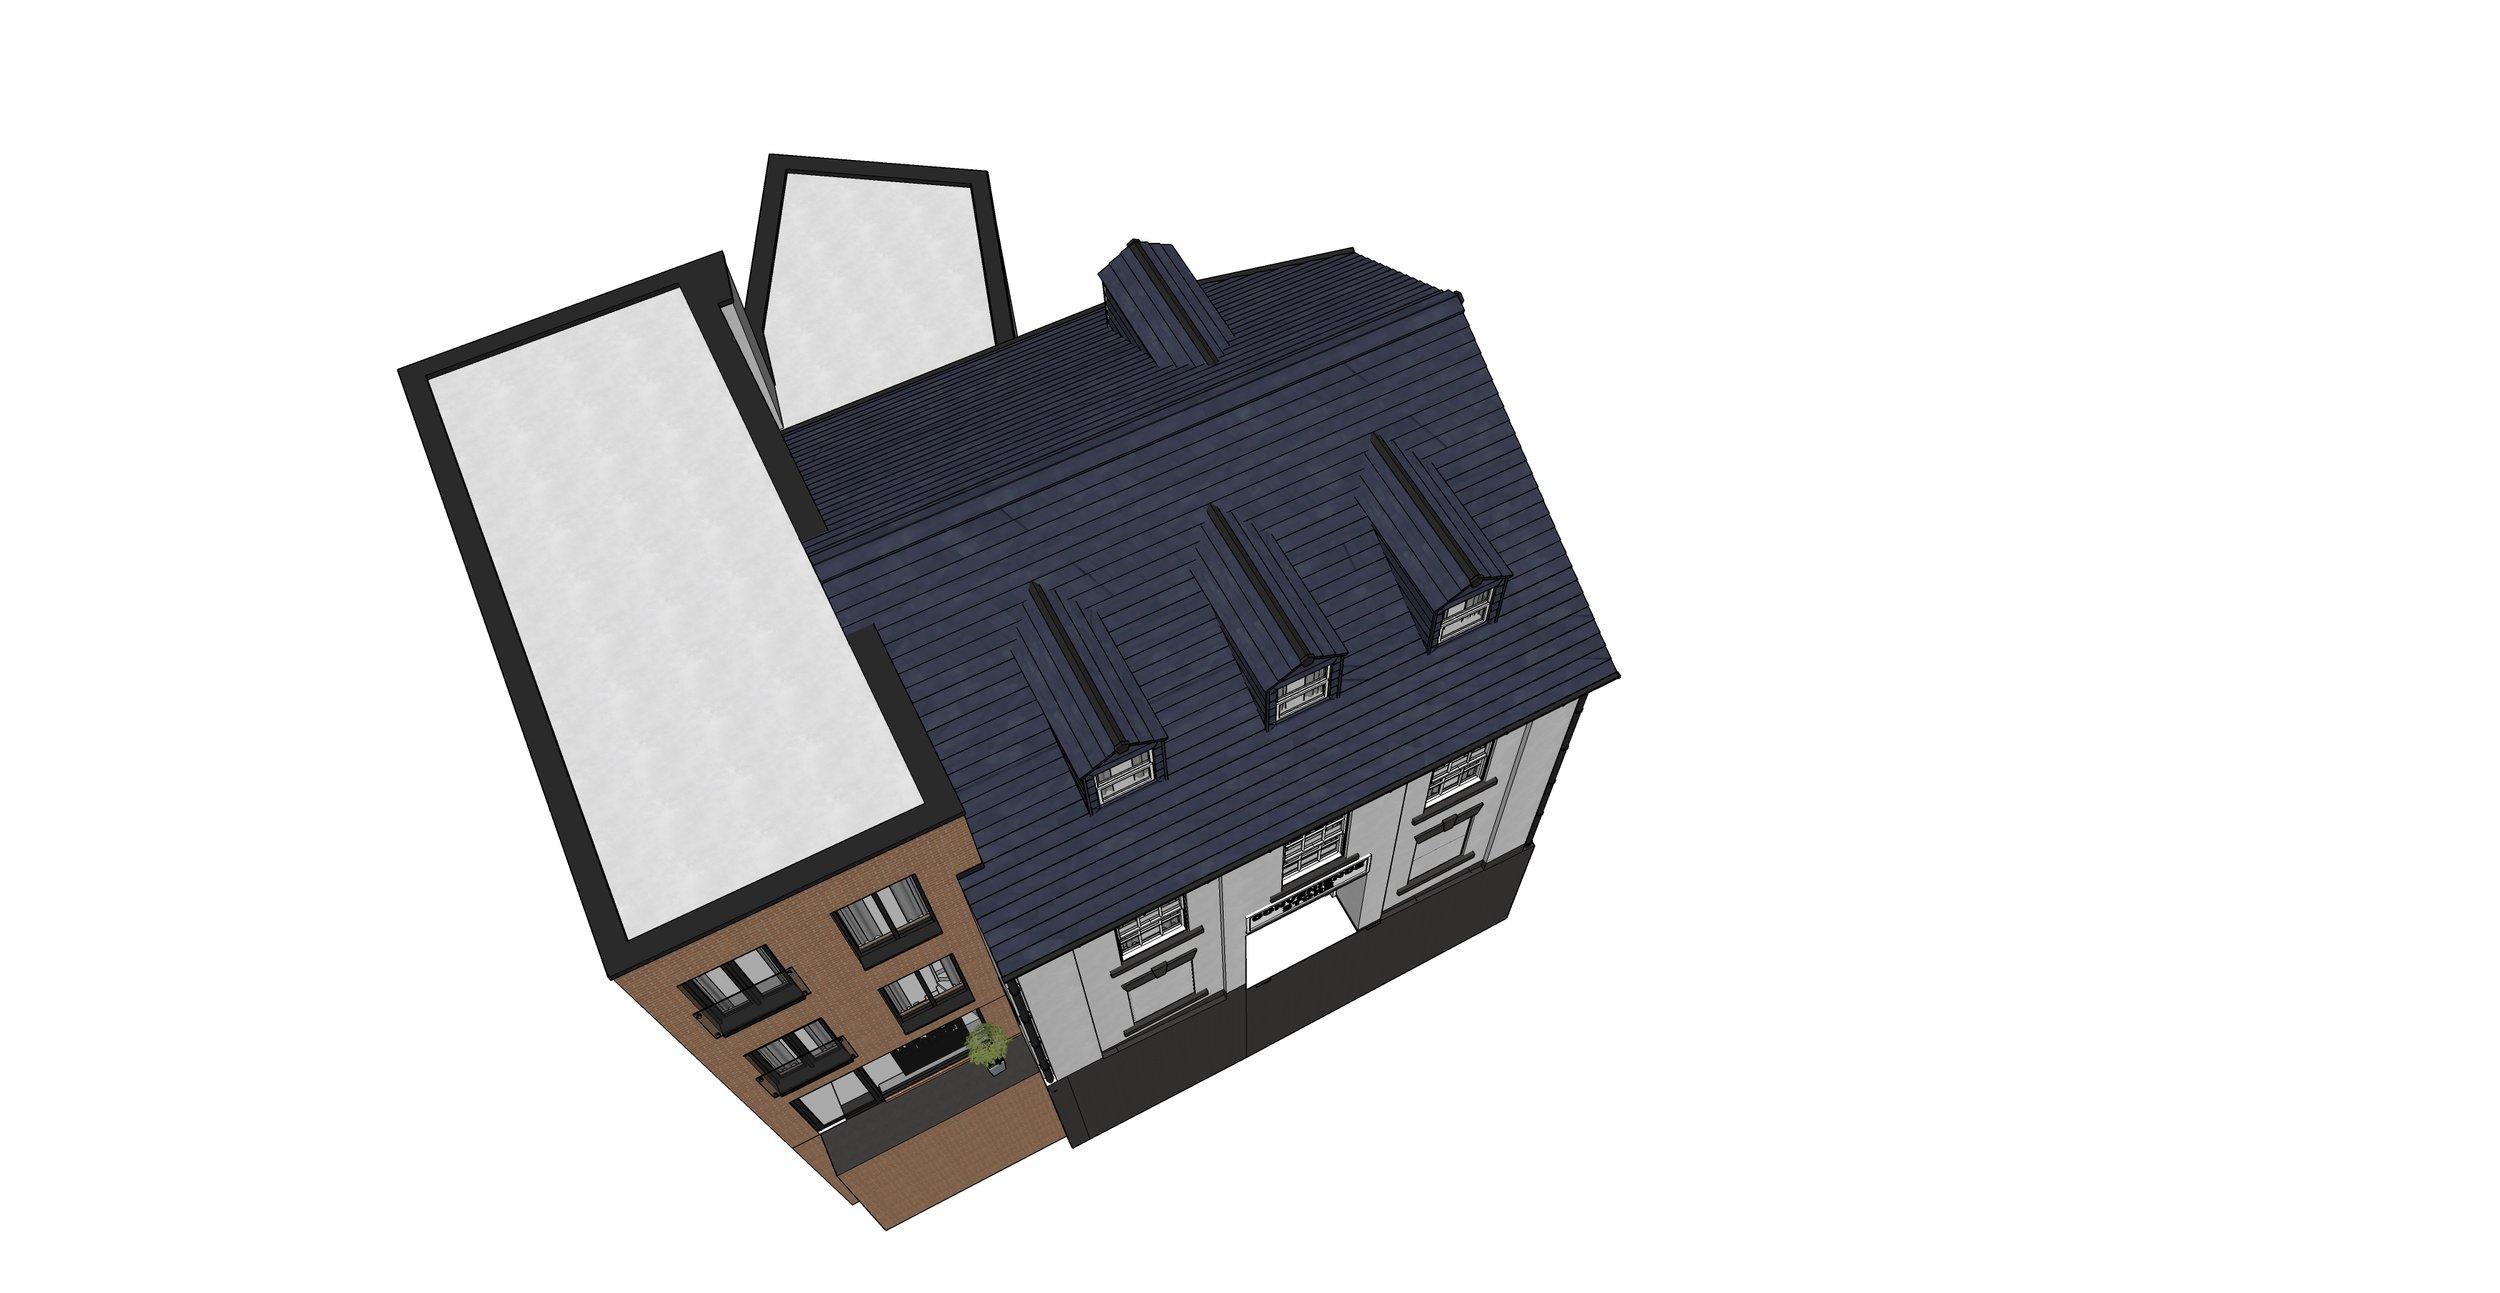 Scene-ISO-3-Roof-ArtistsImpression-forIllustrativePurposesOnly.jpg